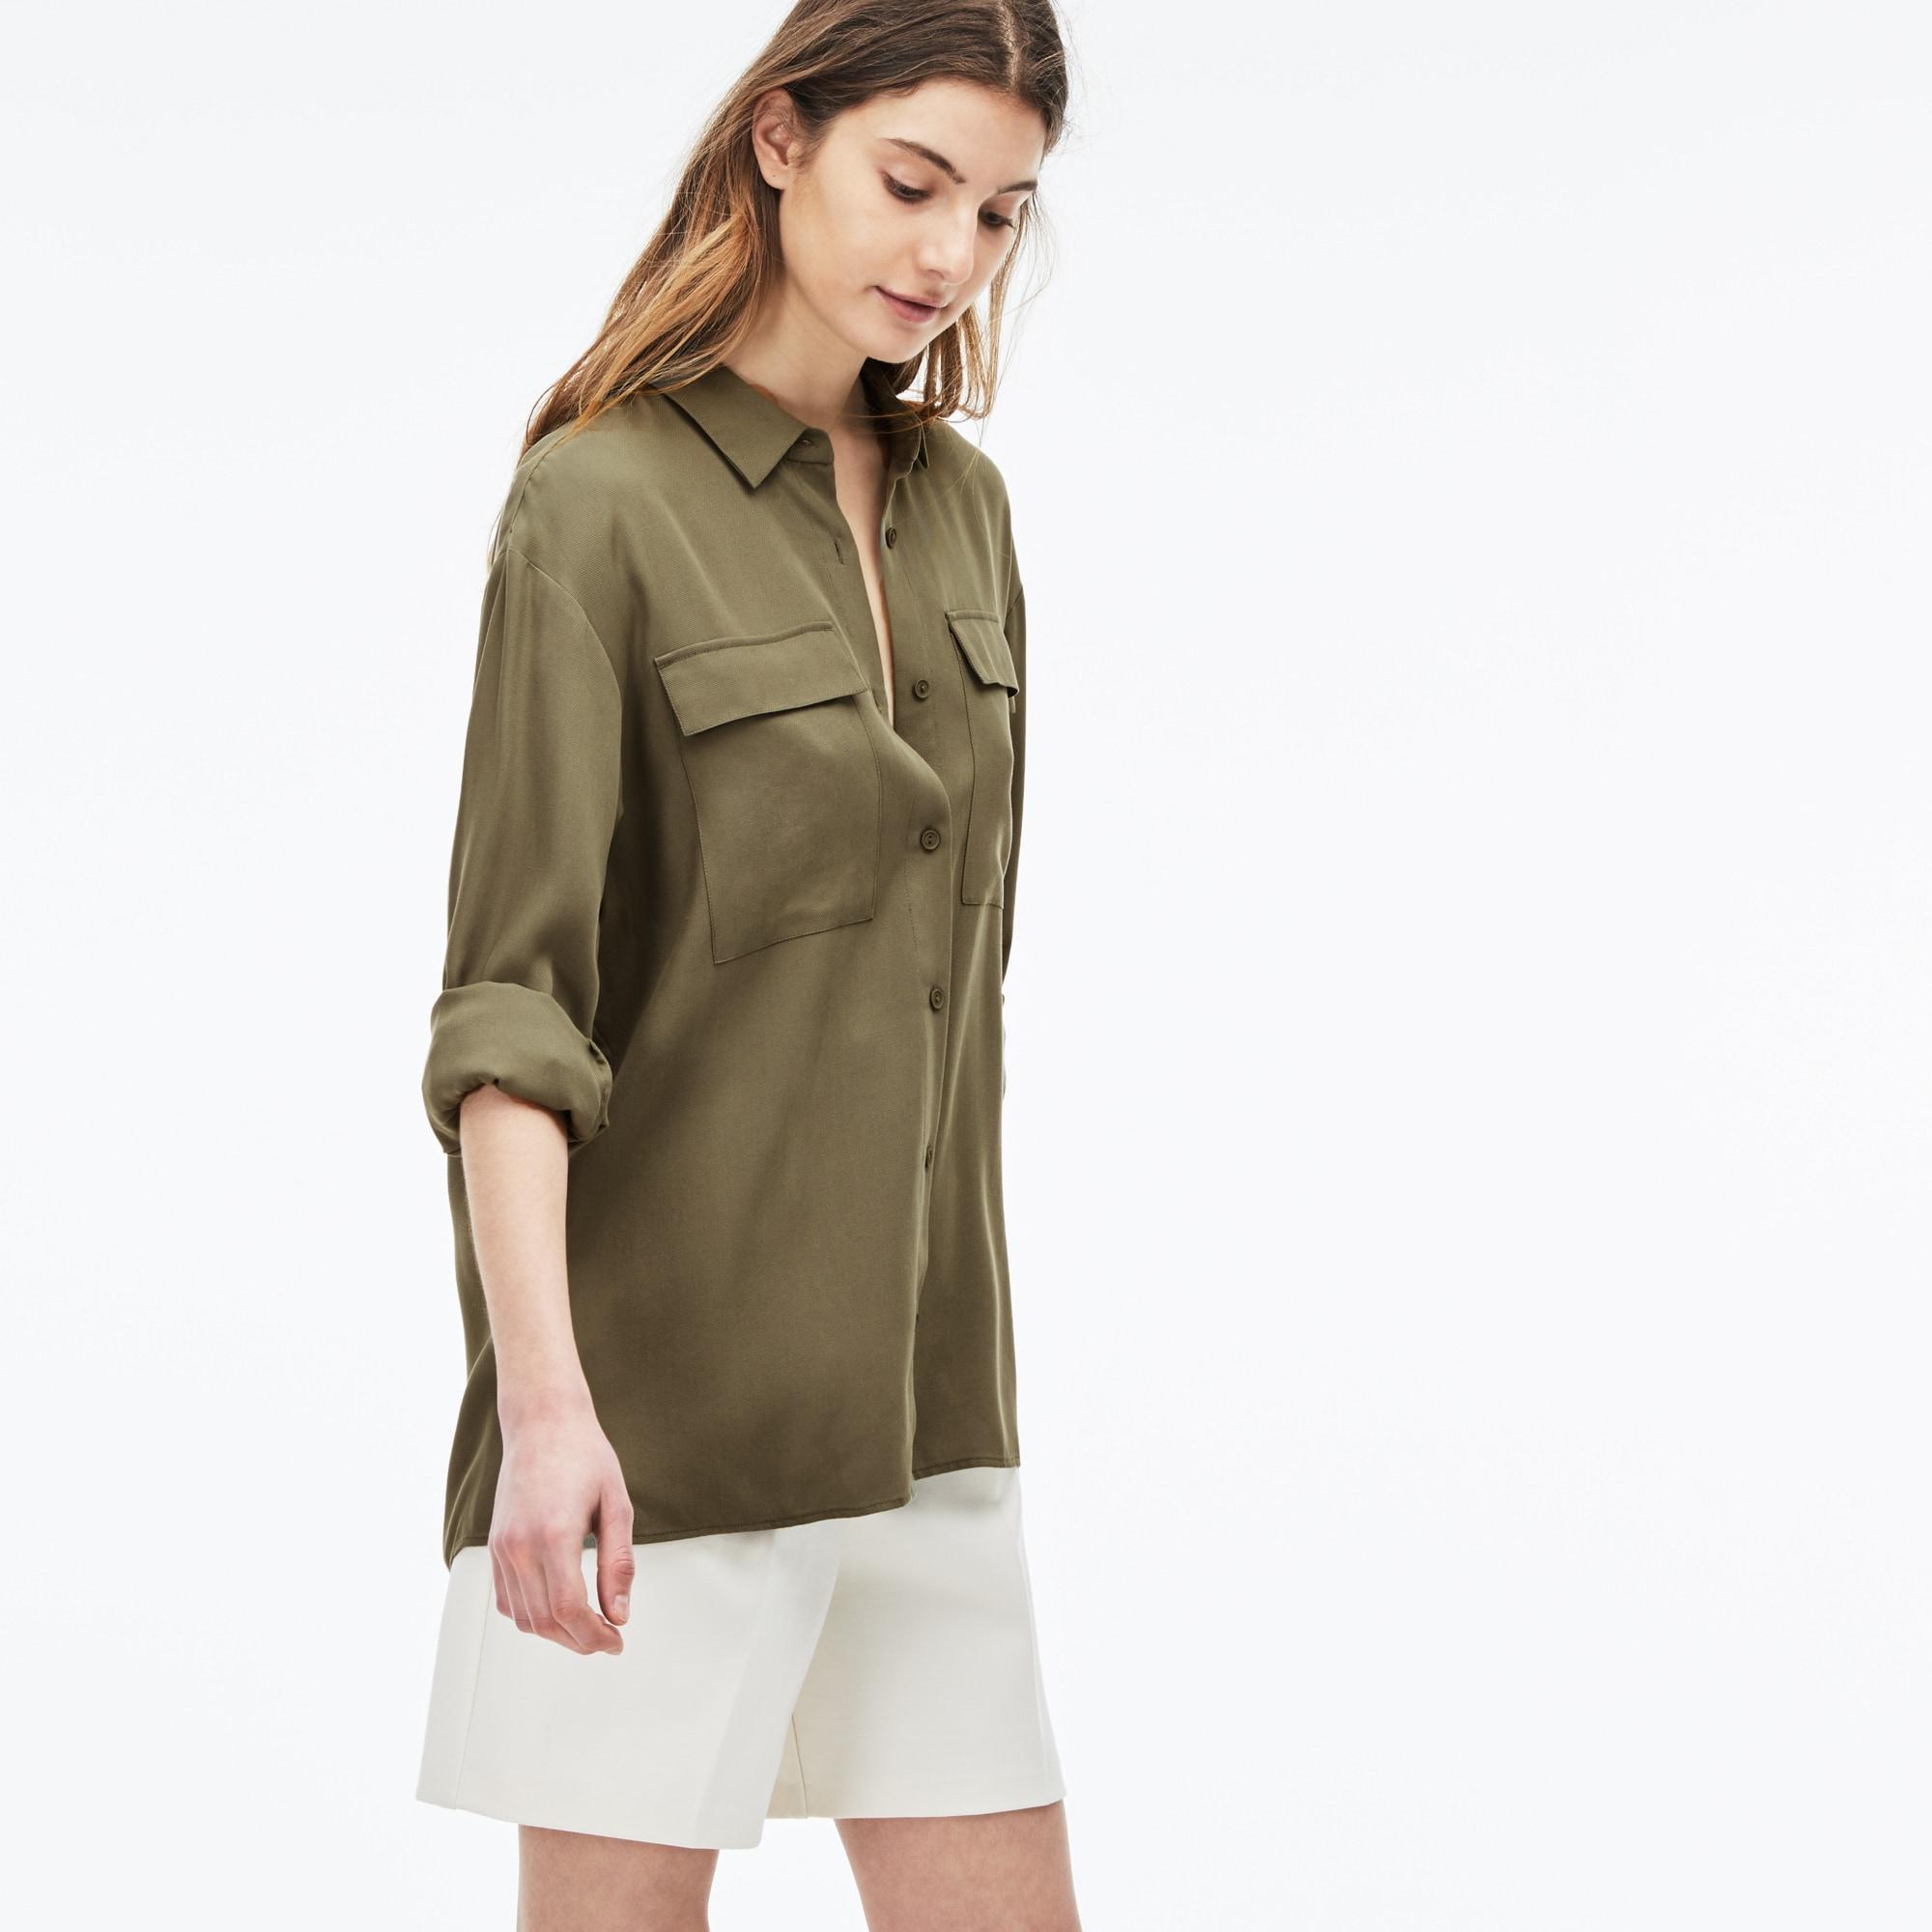 acheter populaire 12962 e7320 Chemises & Hauts   Vêtements Femme   LACOSTE